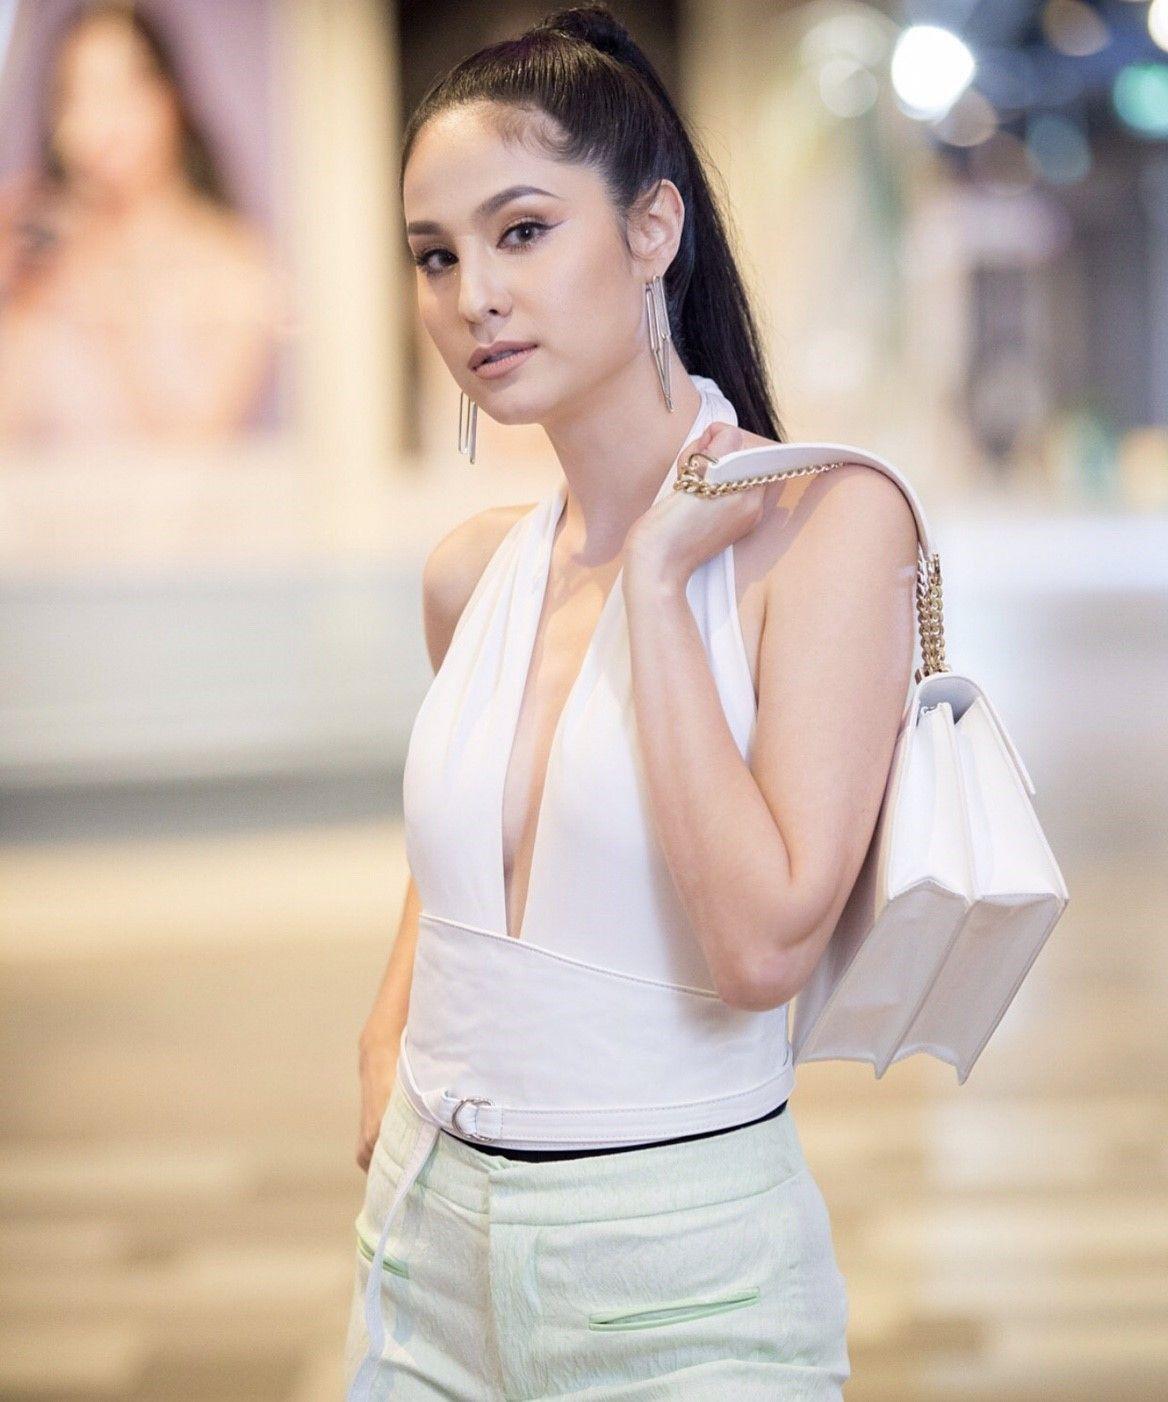 8 mỹ nhân Thái sở hữu ngoại hình hoàn hảo cho đến thần thái xuất sắc (16)